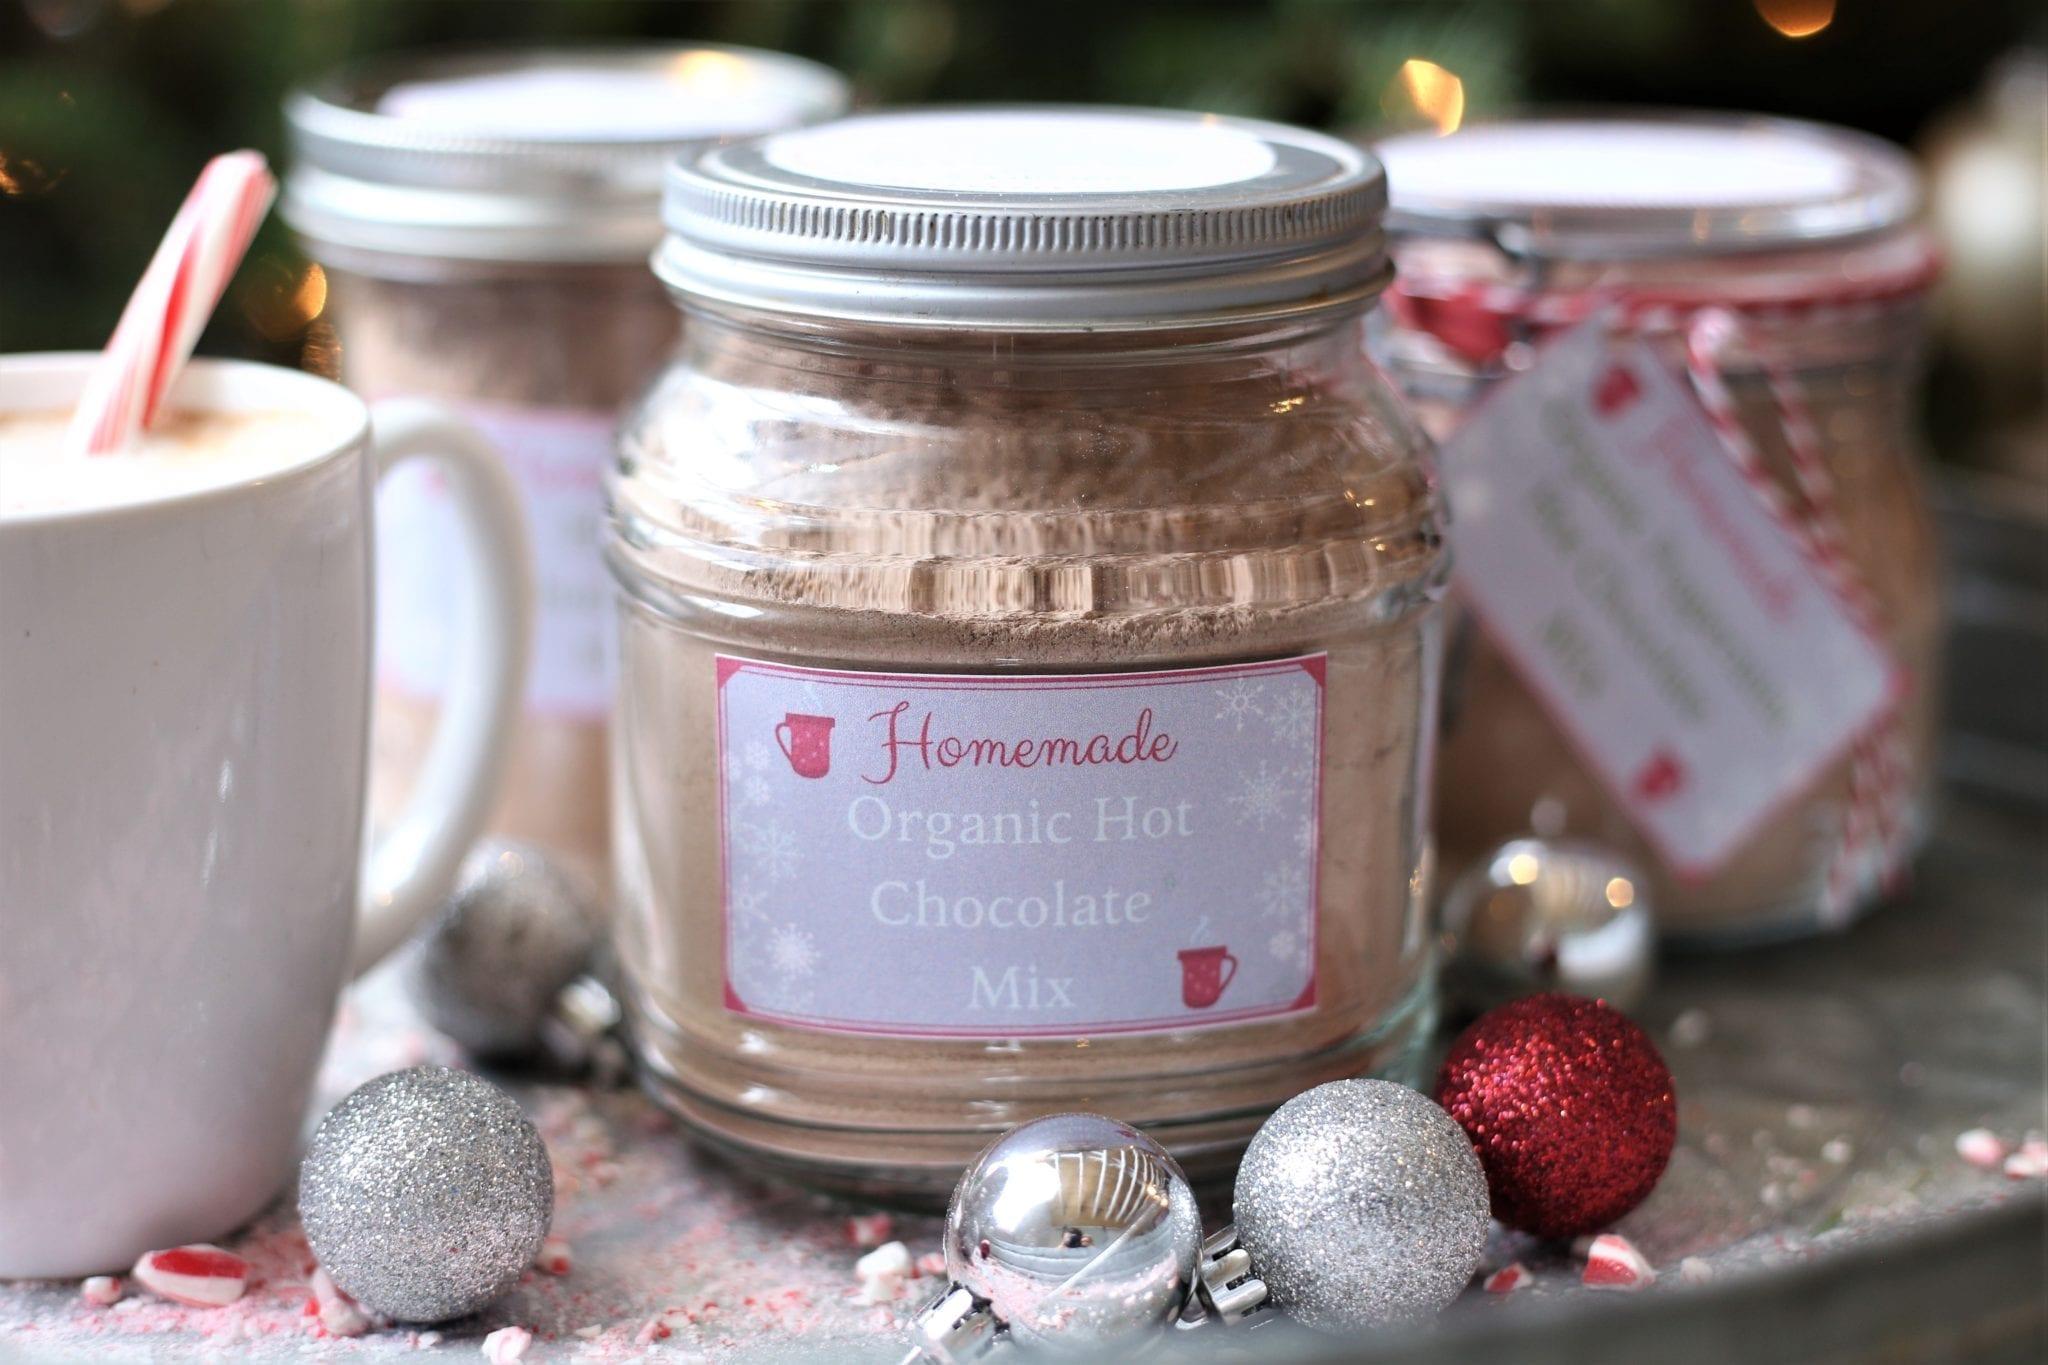 Homemade Organic Hot Chocolate Mix